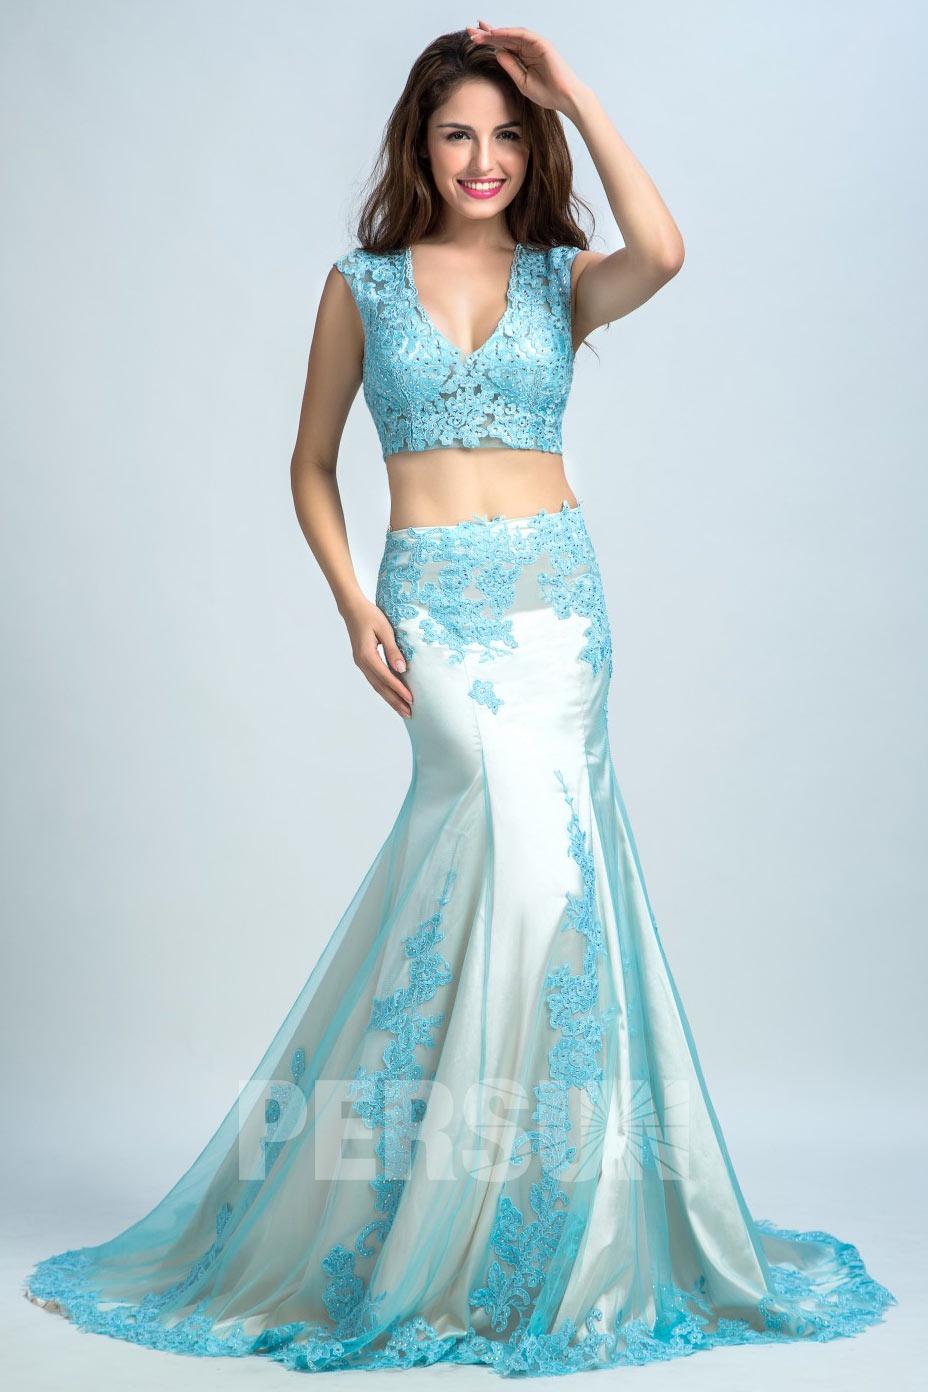 Sexy 2-Piece Blau Meerjungfrau Abendkleider aus Tüll